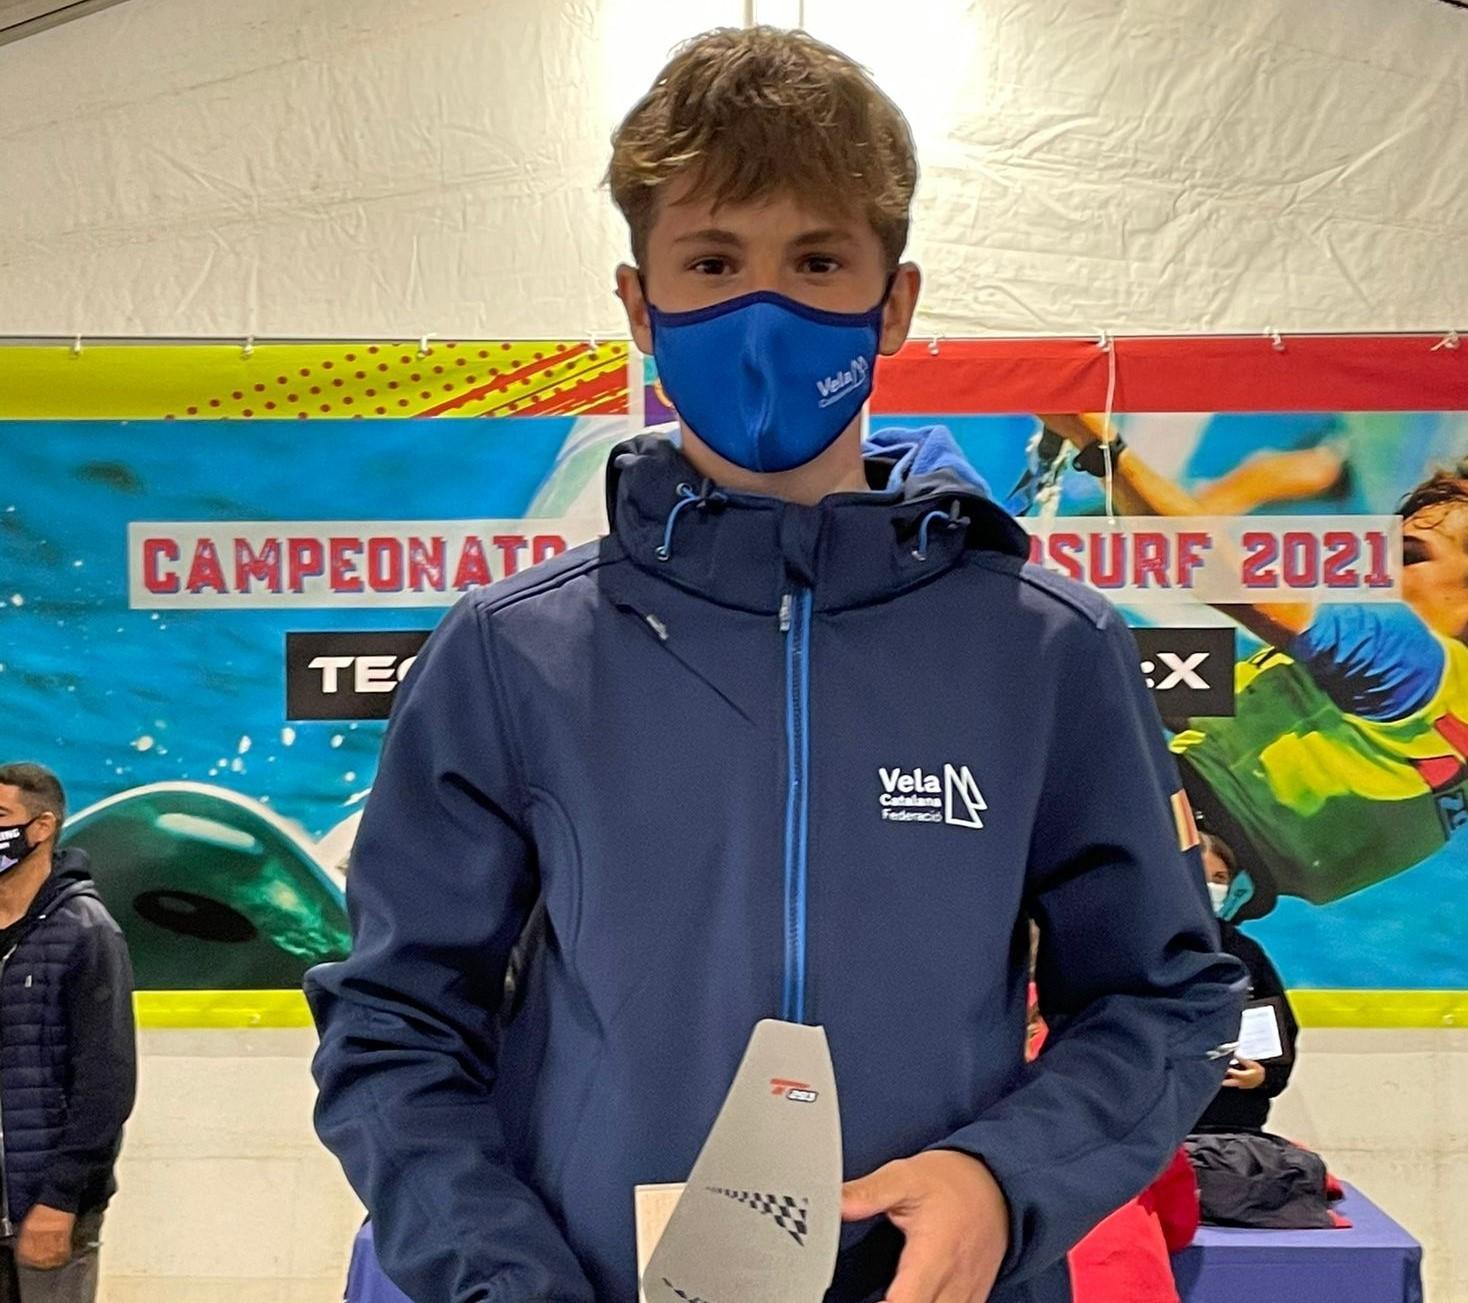 Sandro Portune podium